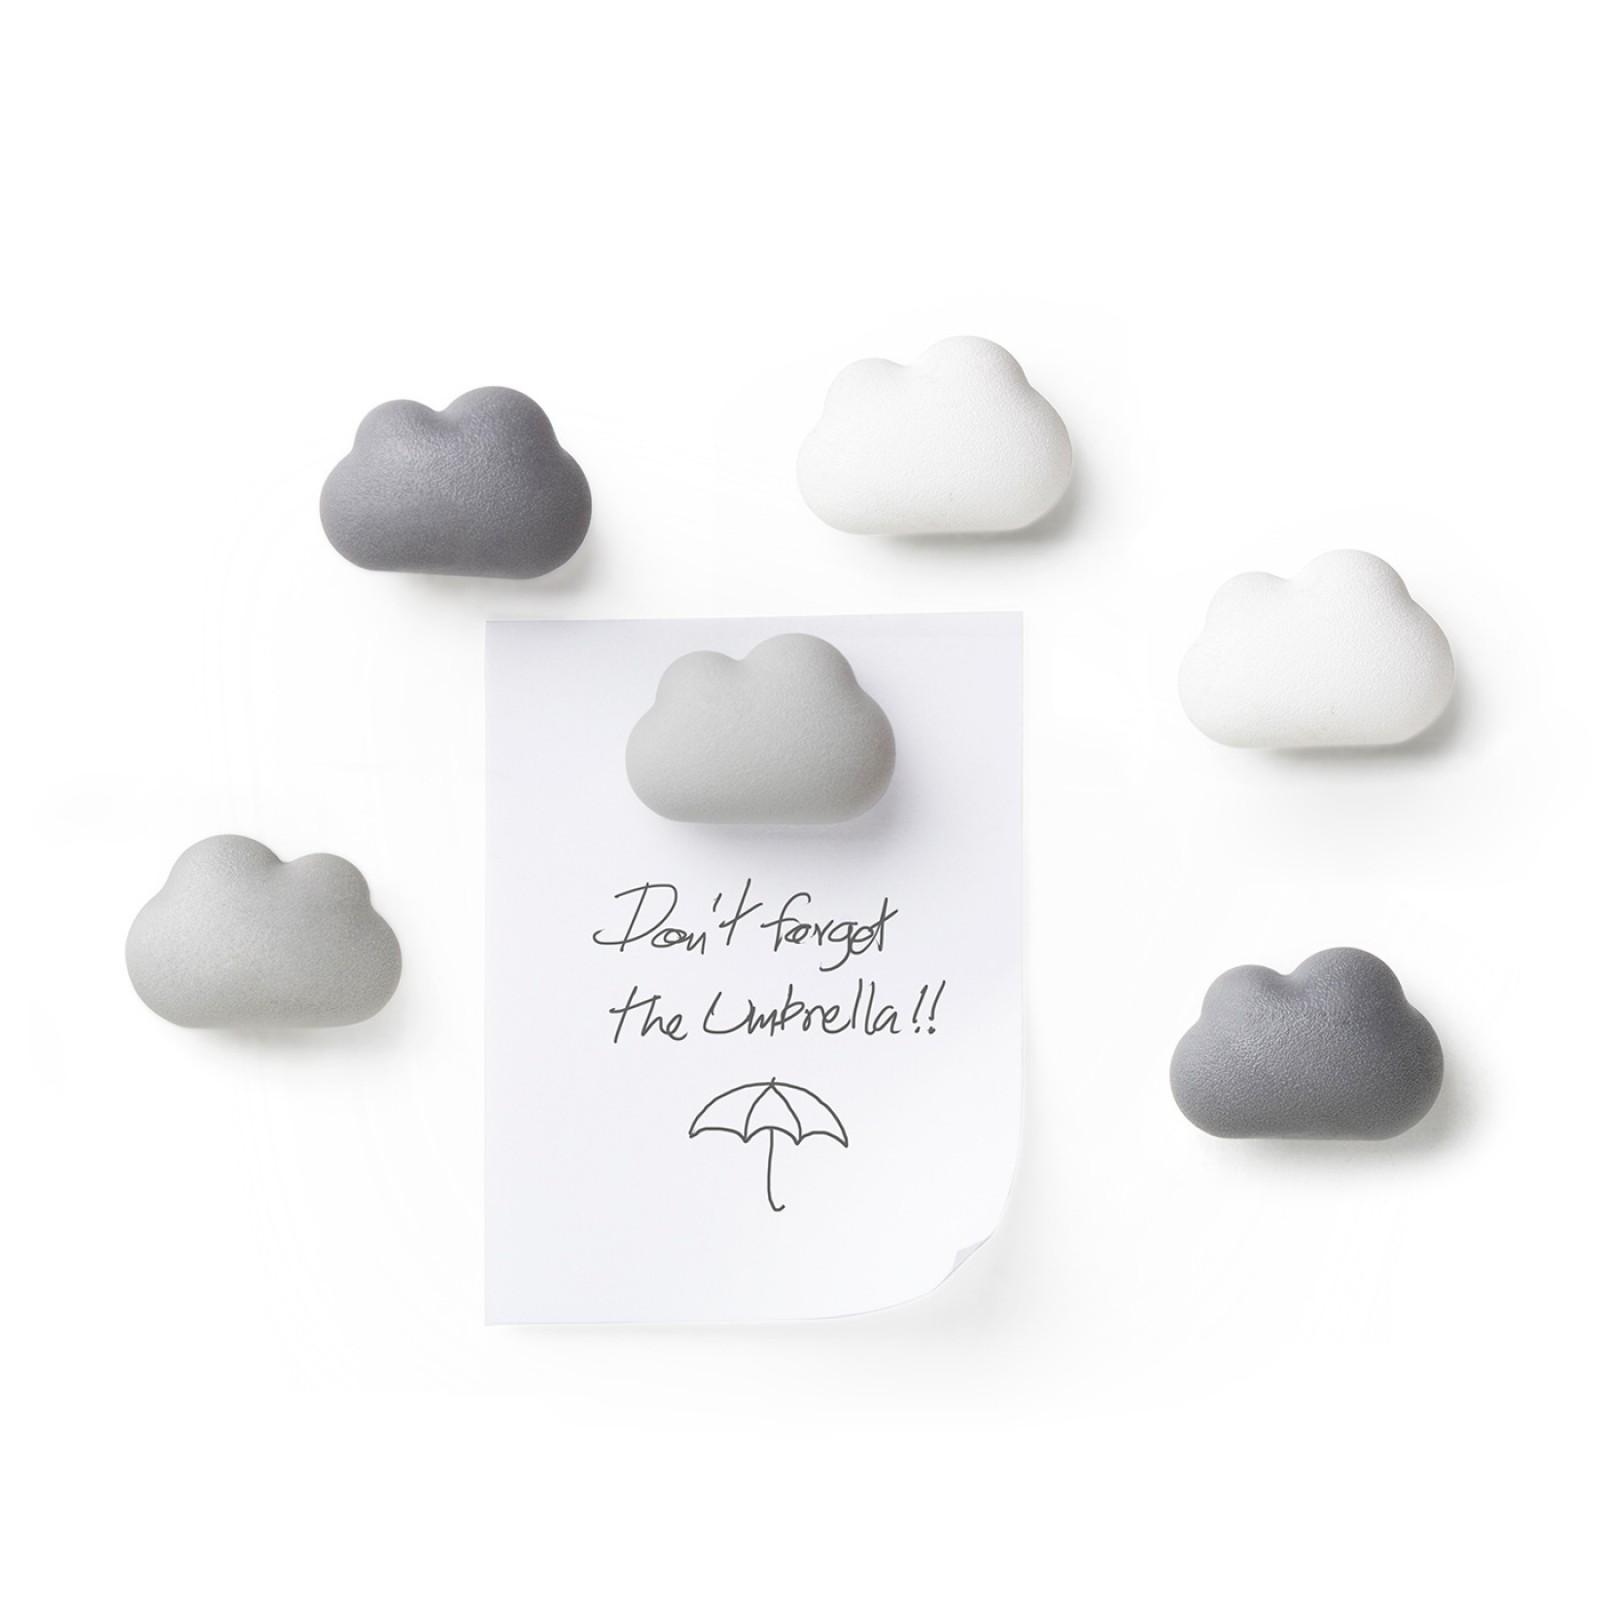 Μαγνητάκια Cloud (Σετ των 6) - Qualy